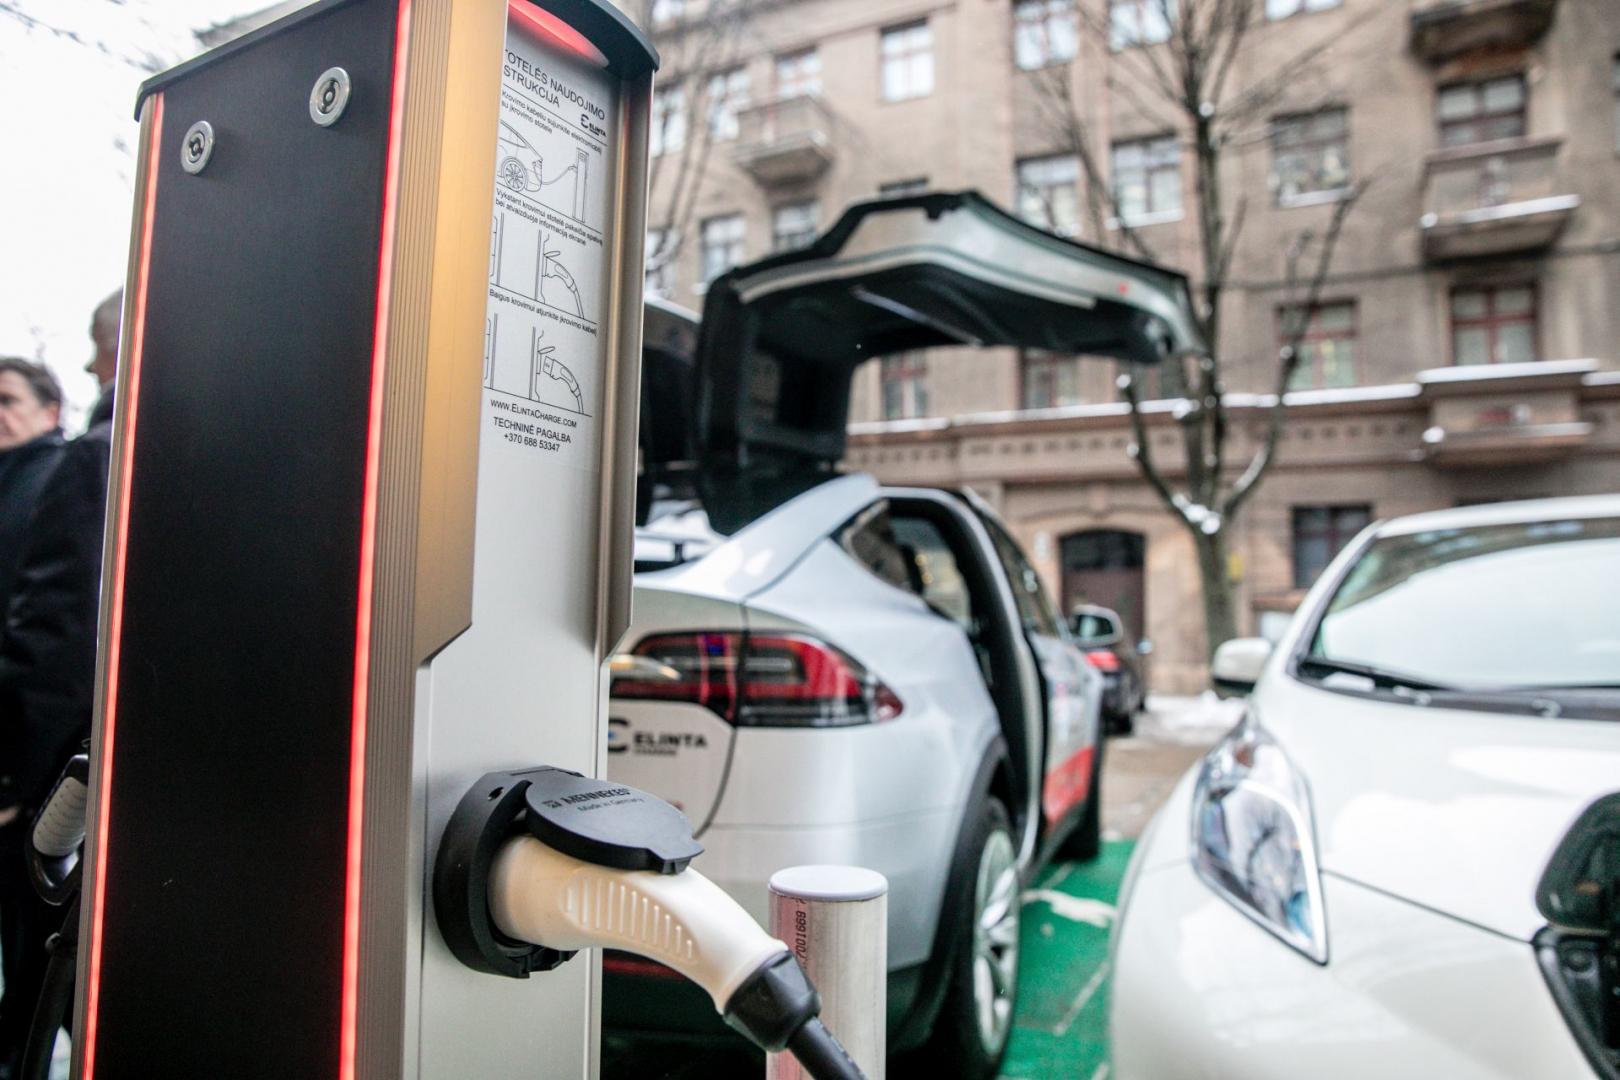 Aplinkos ministerija kompensuos gyventojams dalį išlaidų už įsigytą elektromobilį